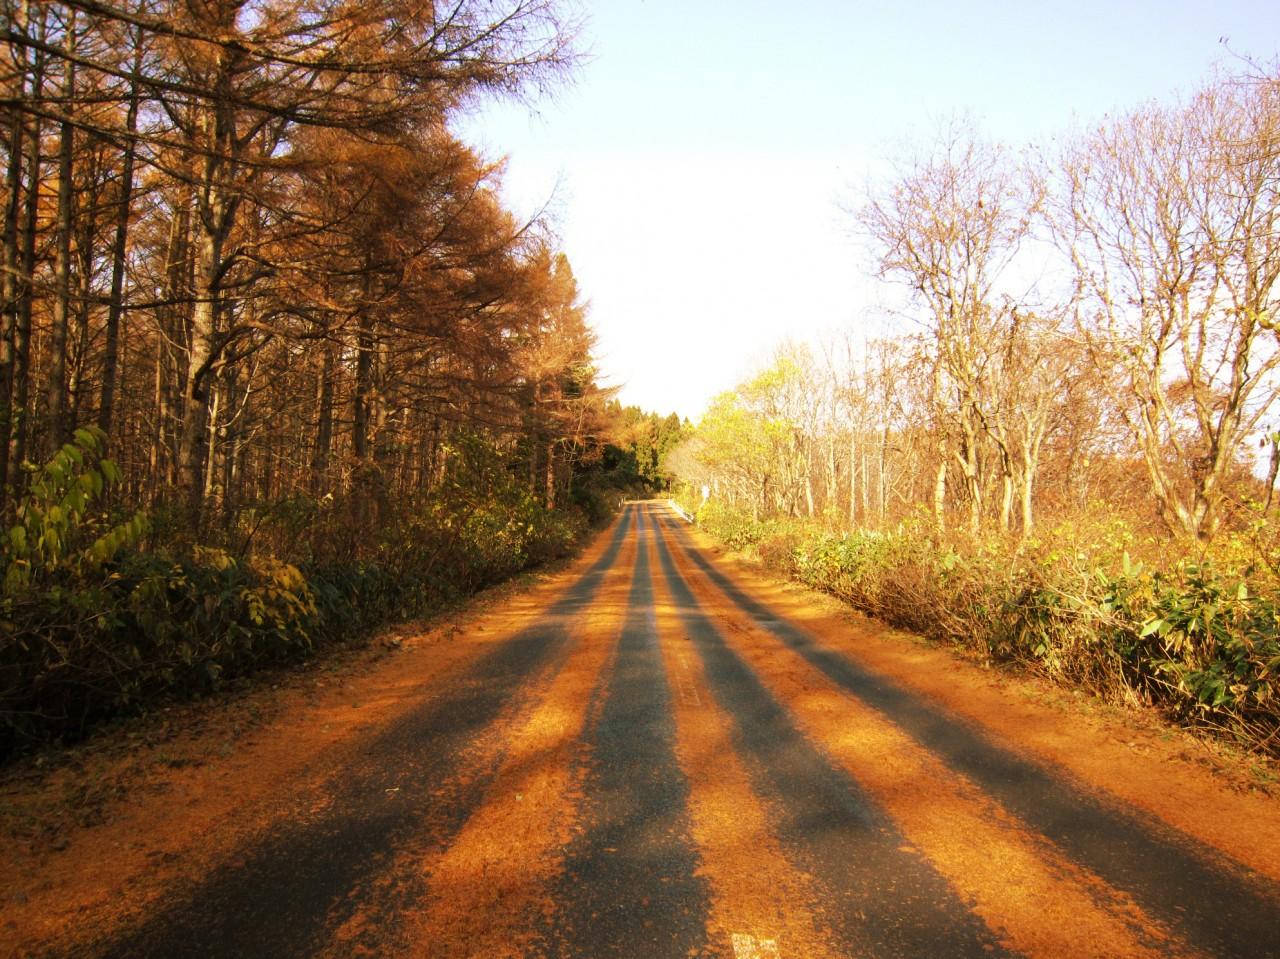 青森 風景 秋 冬 津軽 青森市 落ち葉 黄色 道路 綺麗 鮮やか